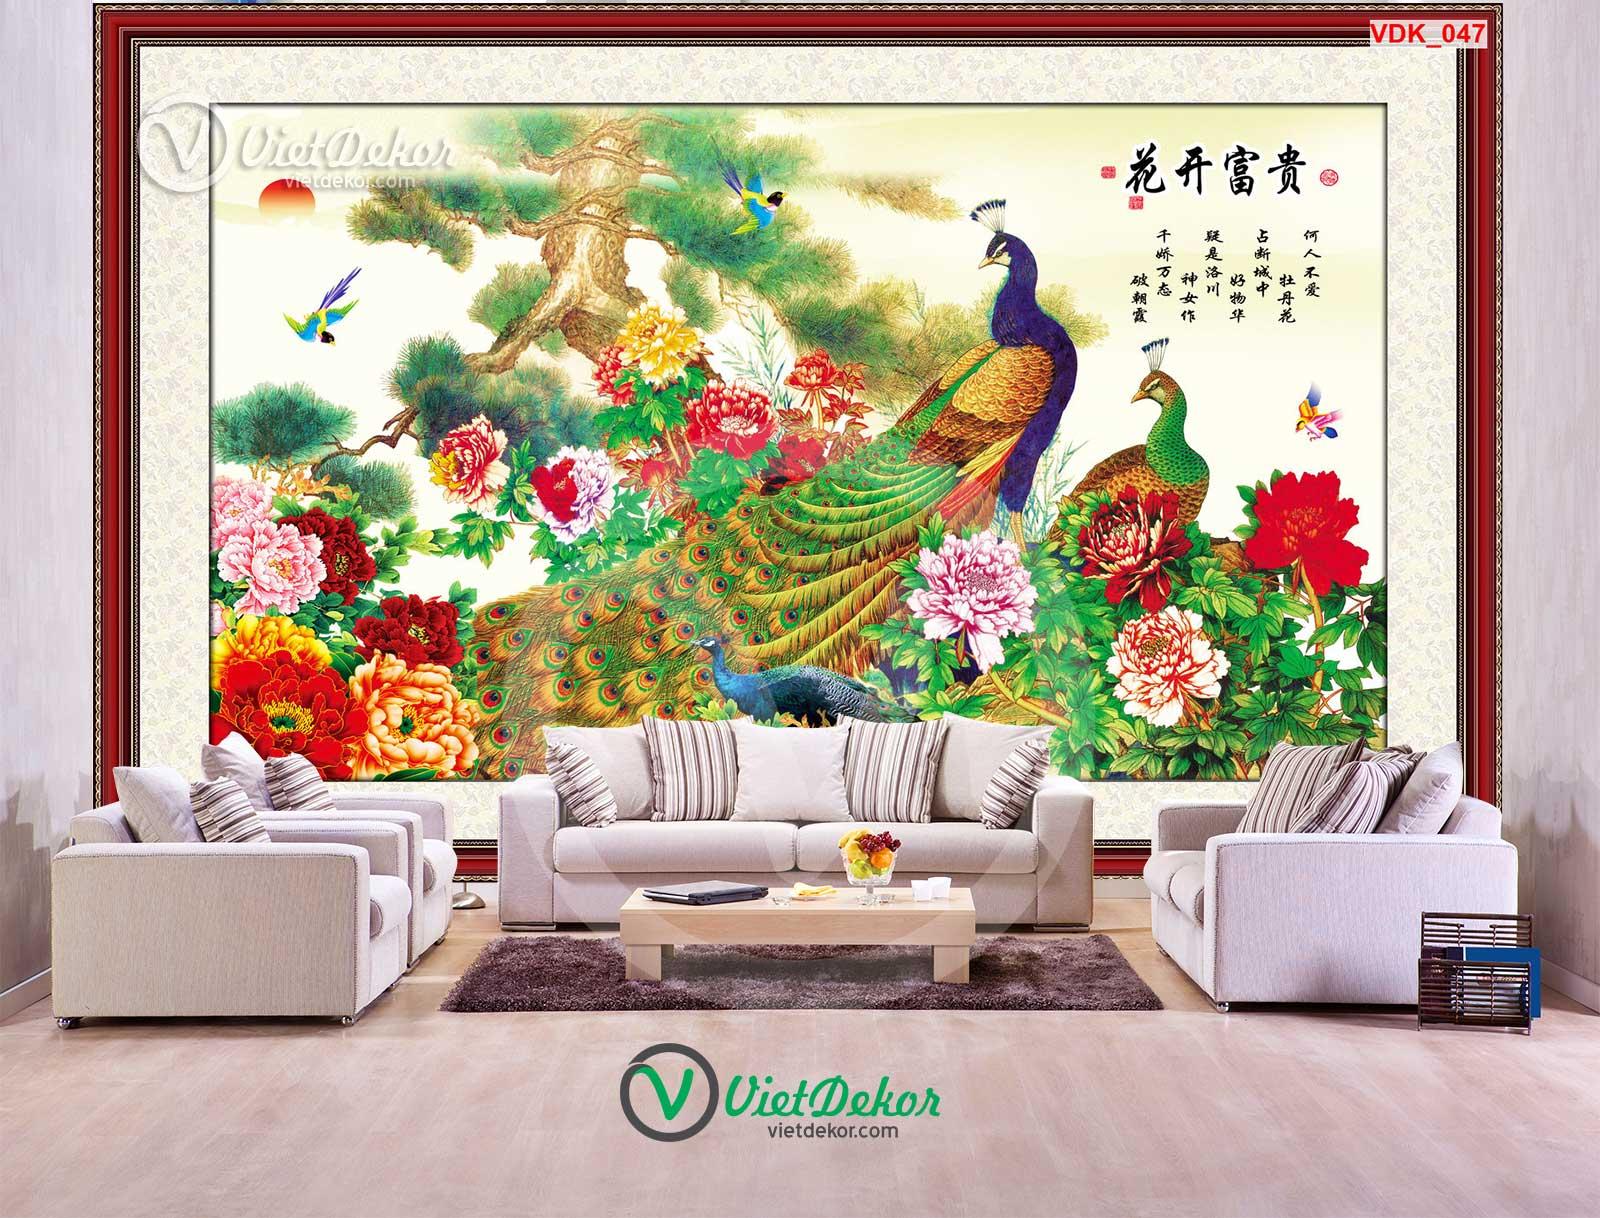 Tranh treo tường 3d hoa mẫu đơn khổng tước